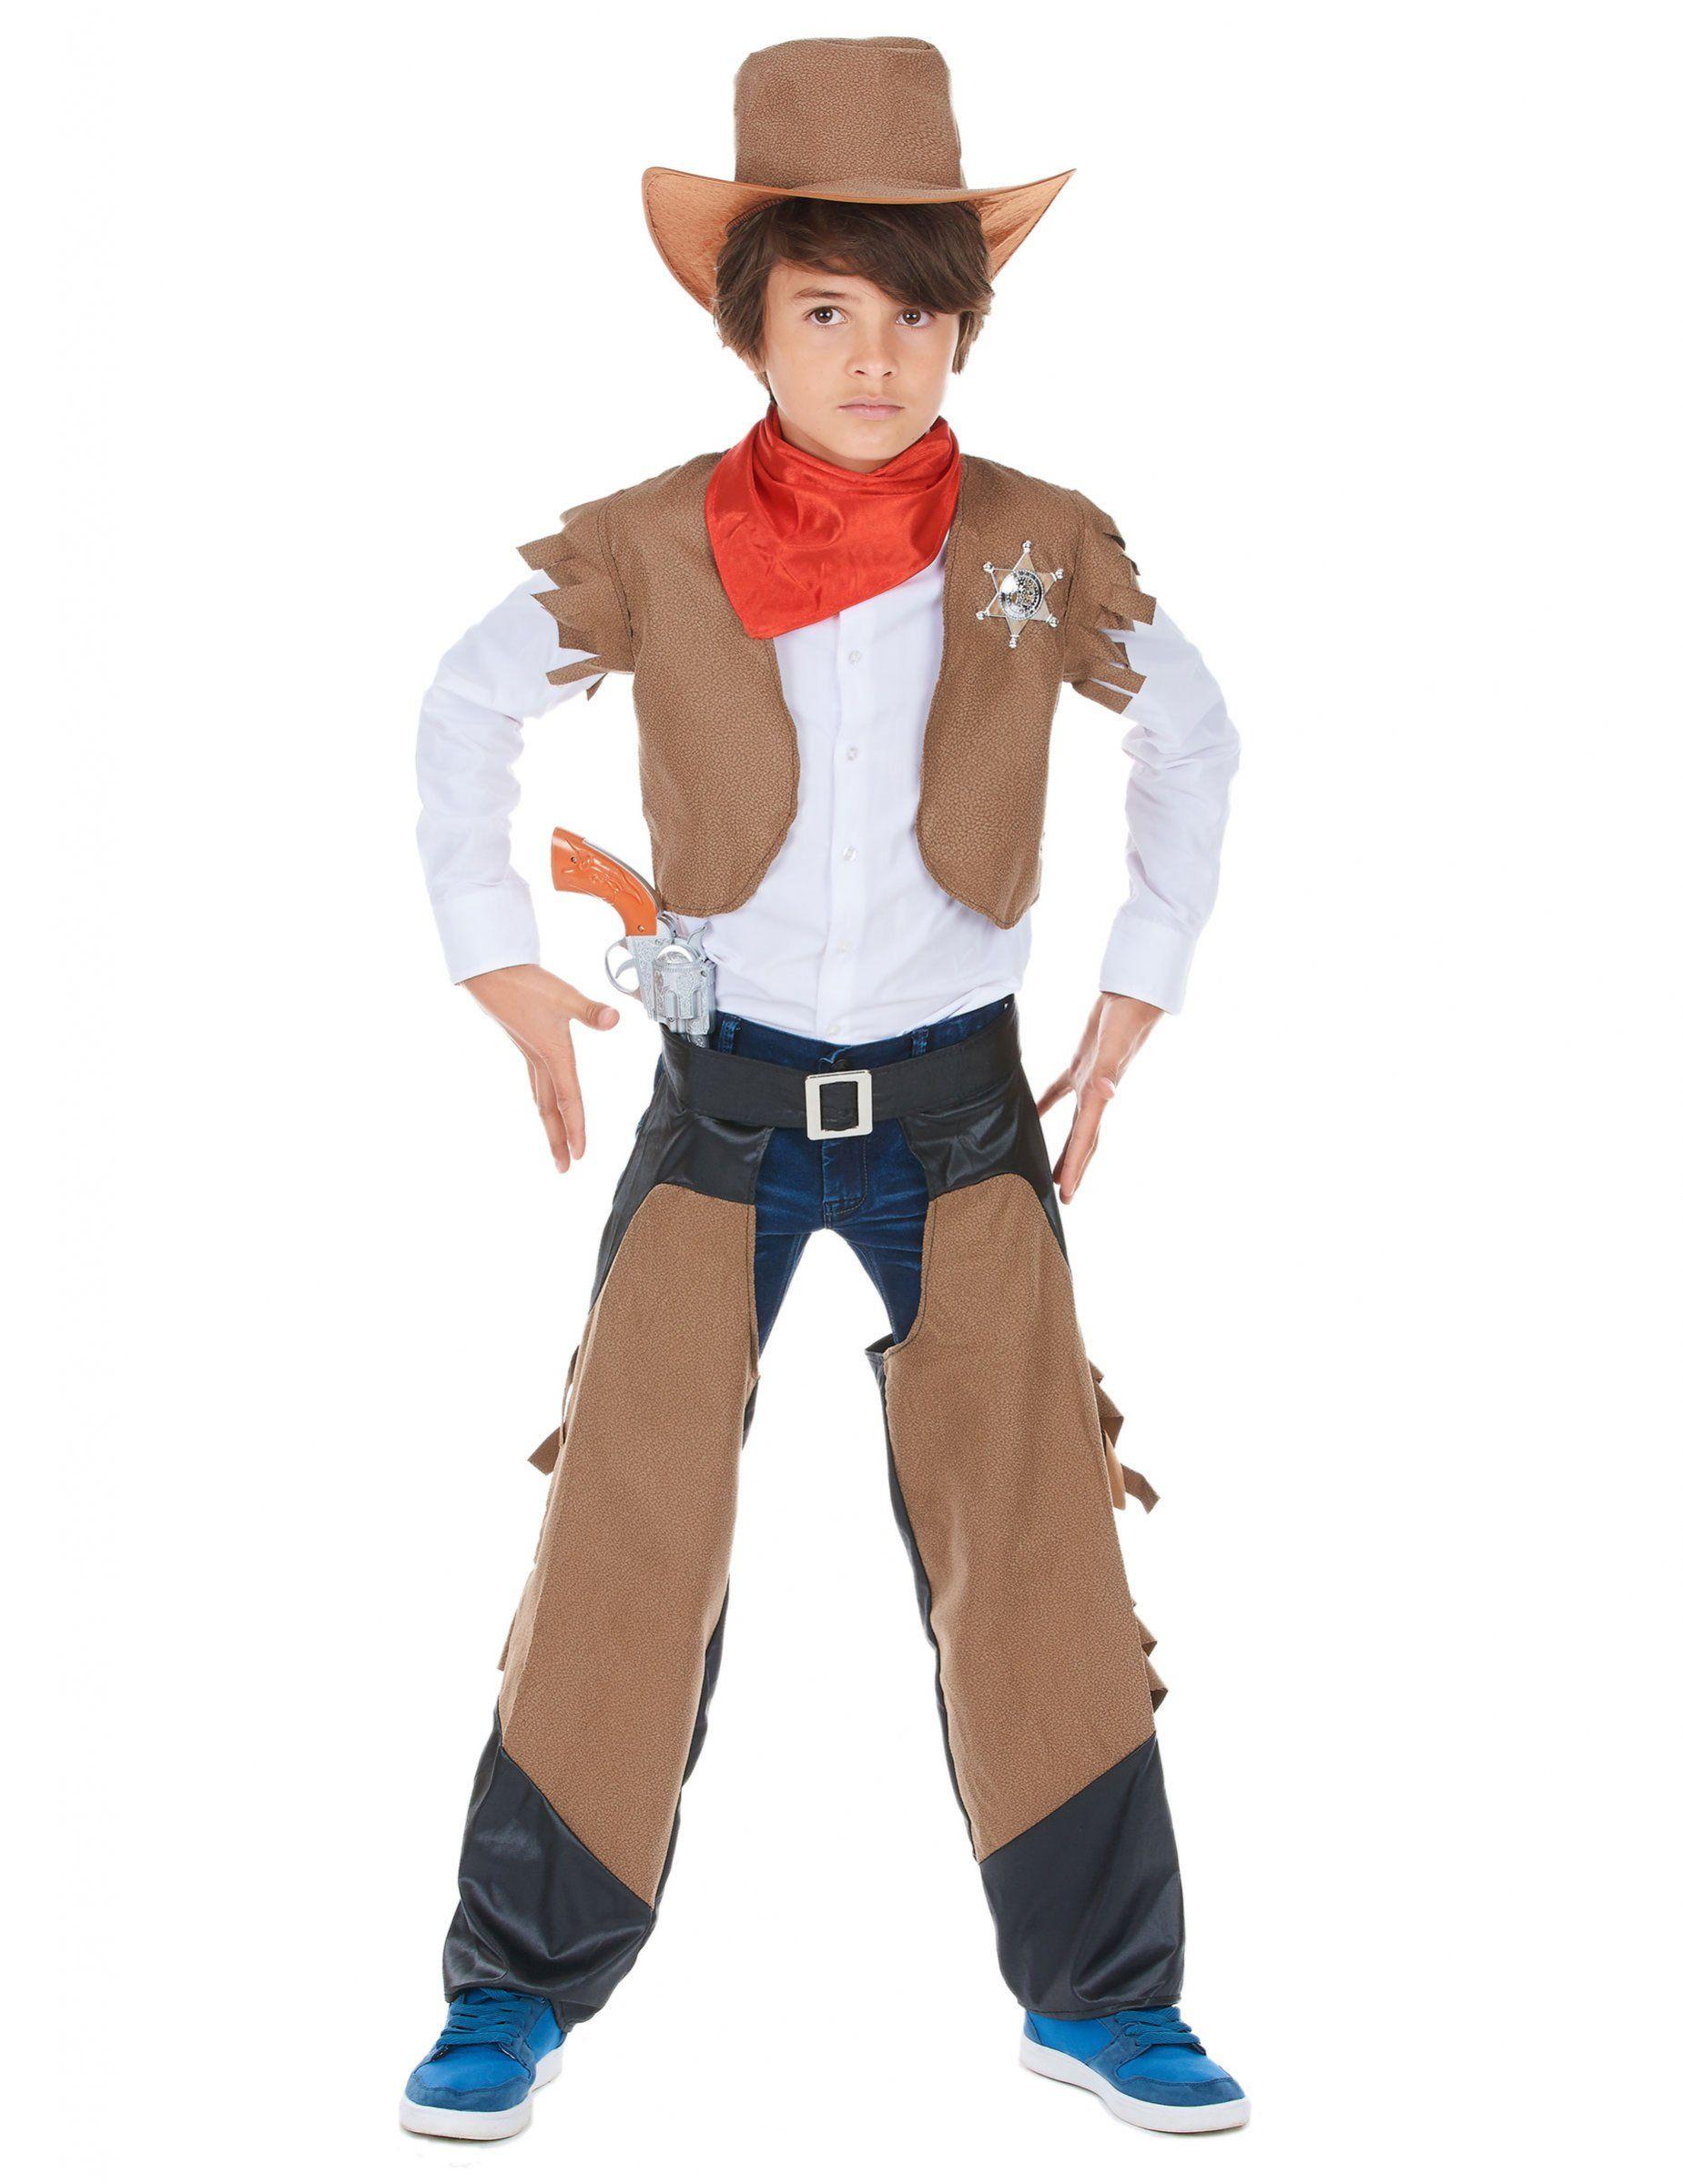 Disfraz de vaquero para niño  este disfraz de vaquero para niño está  compuesto de un 3fc89239753